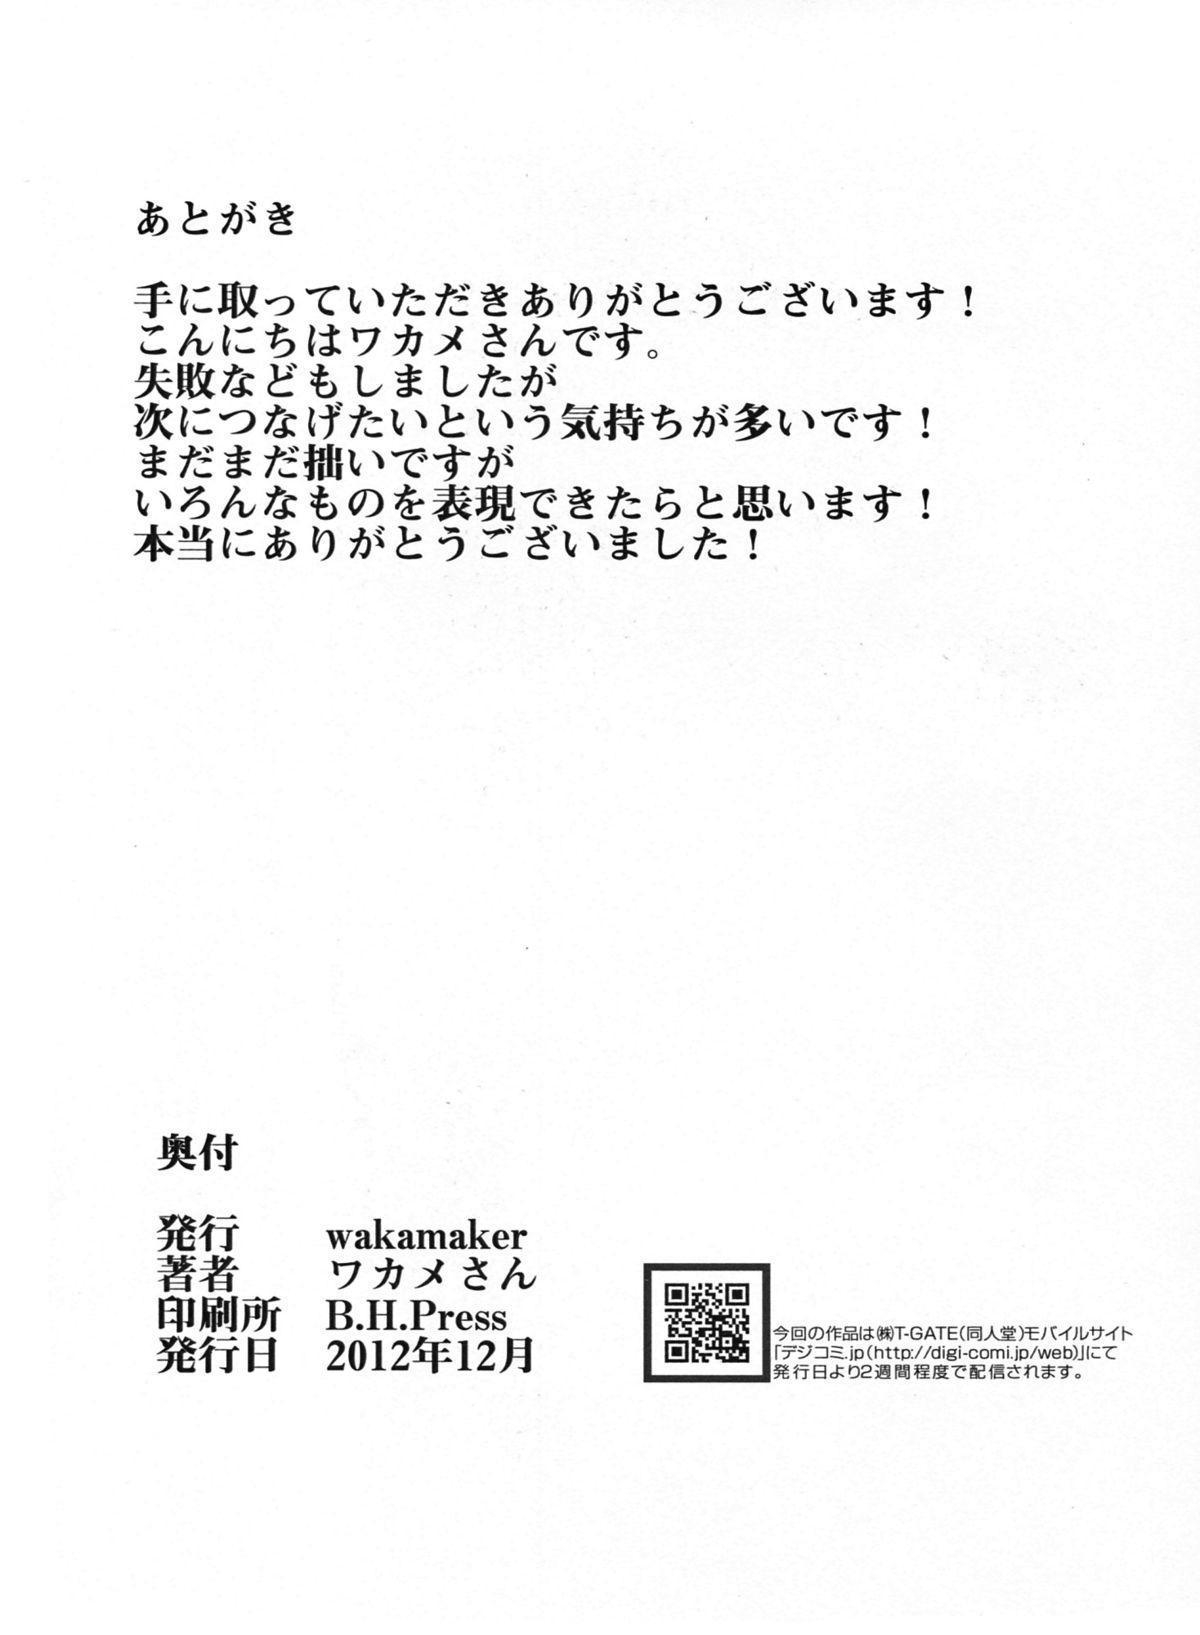 Oikawa Bokujyou Ichiban Shibori 25